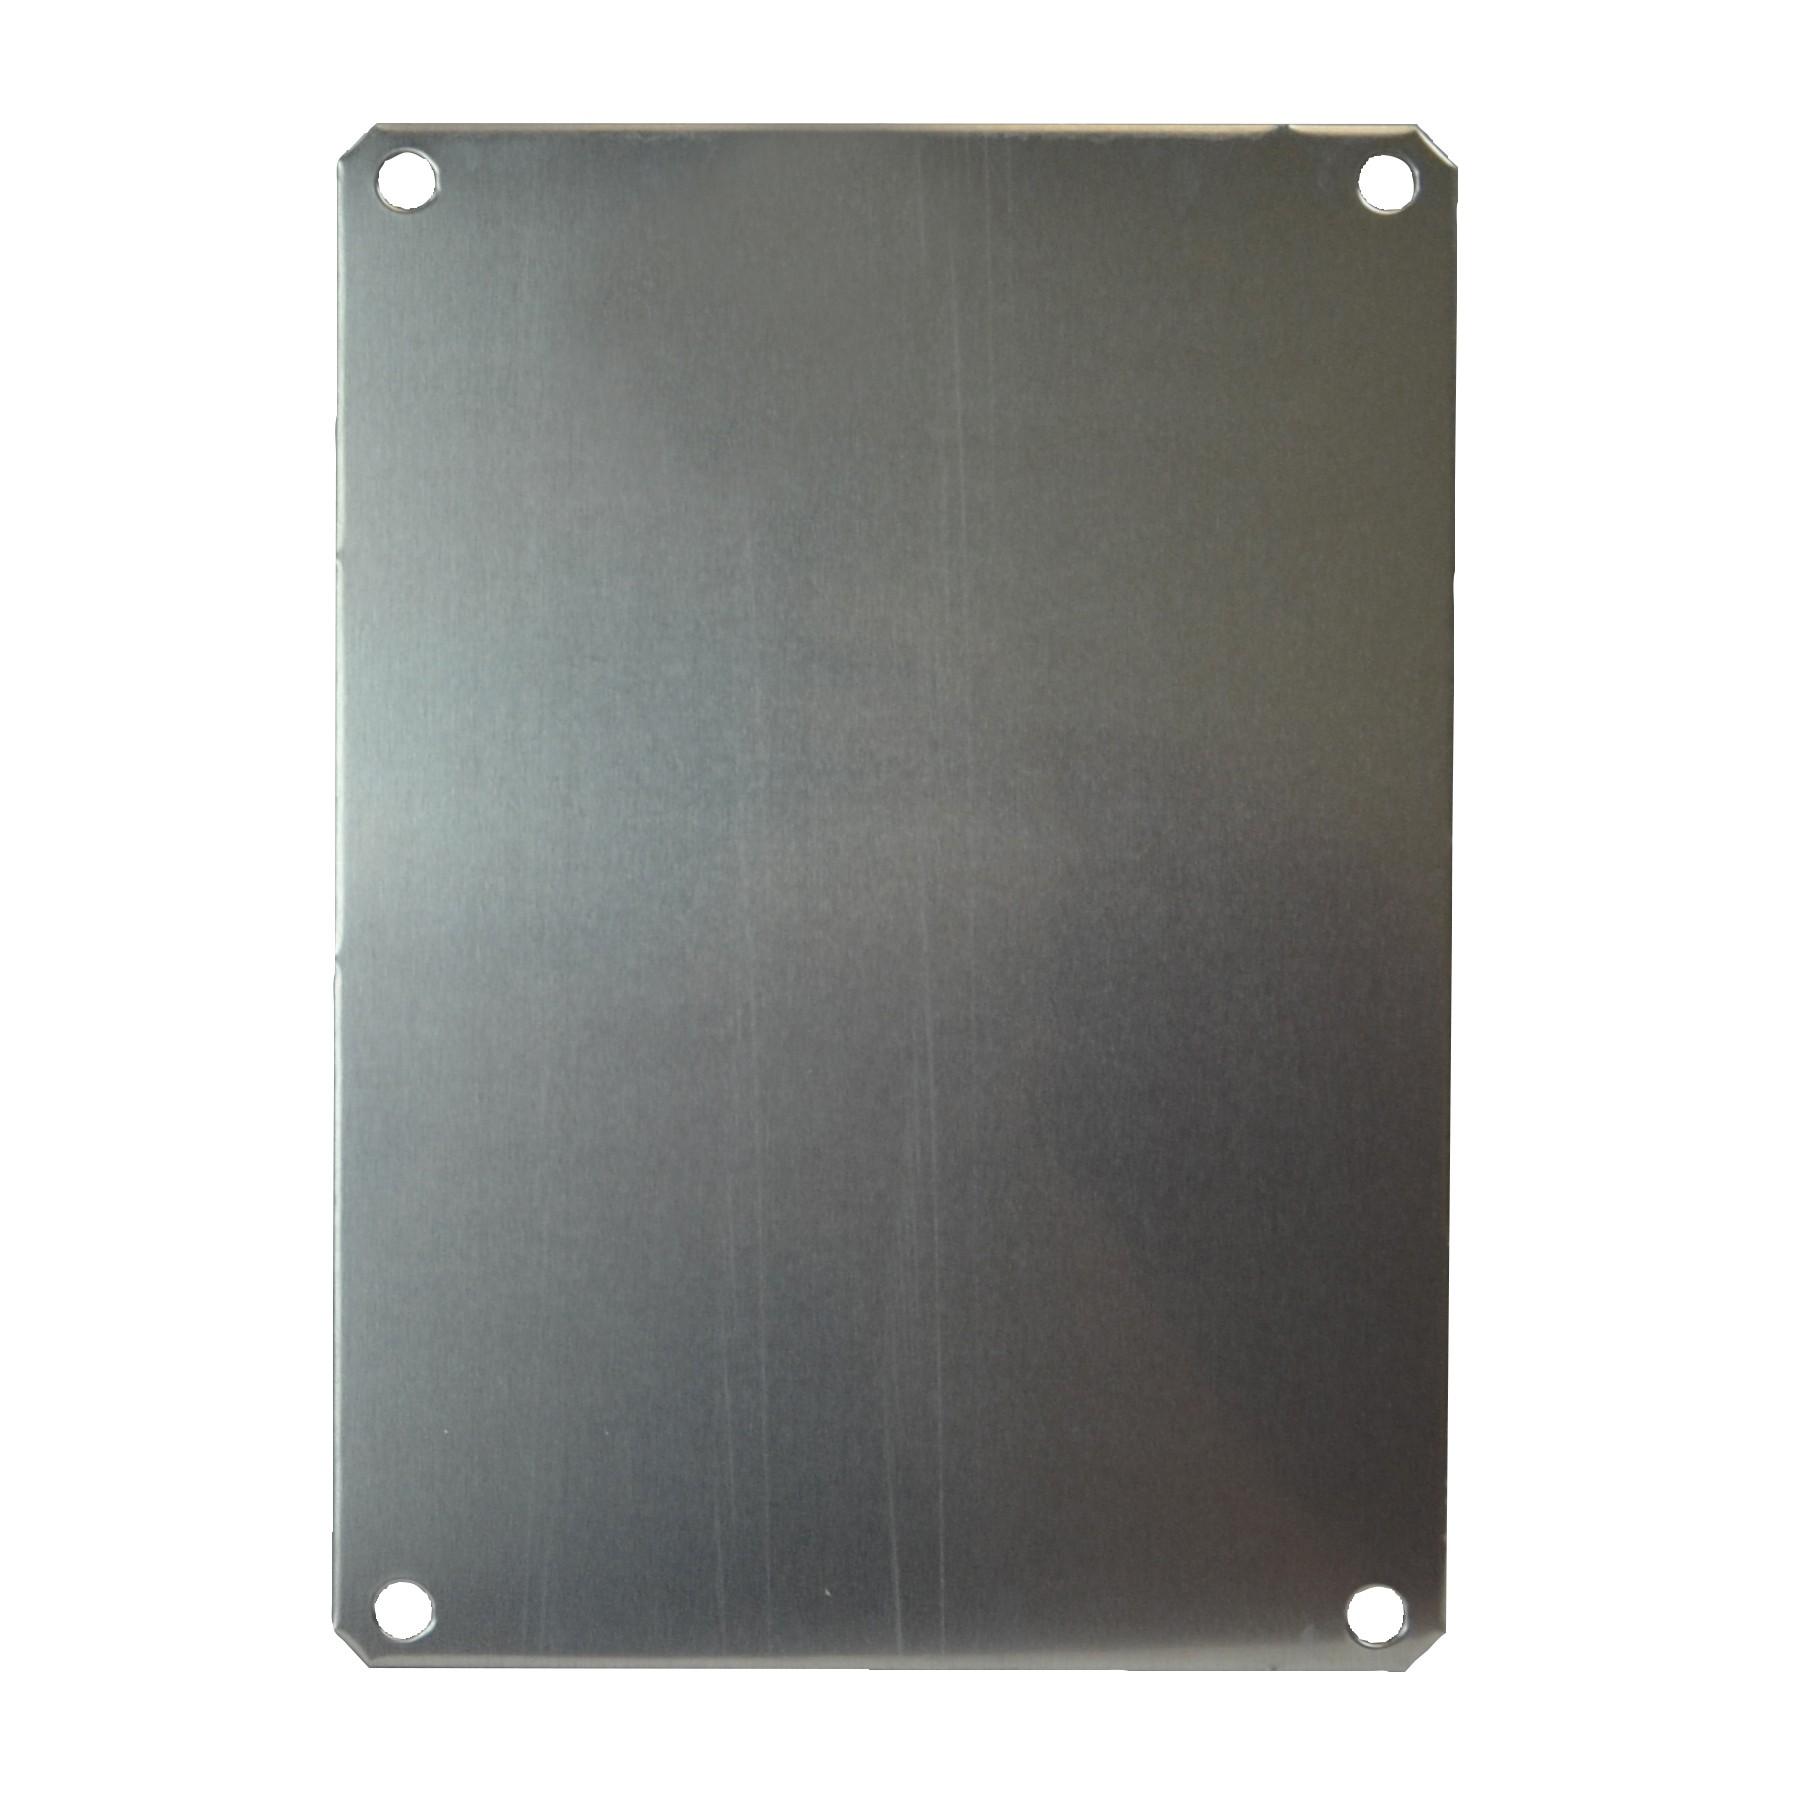 PLA86 - Aluminum Enclosure Back Panel Kit